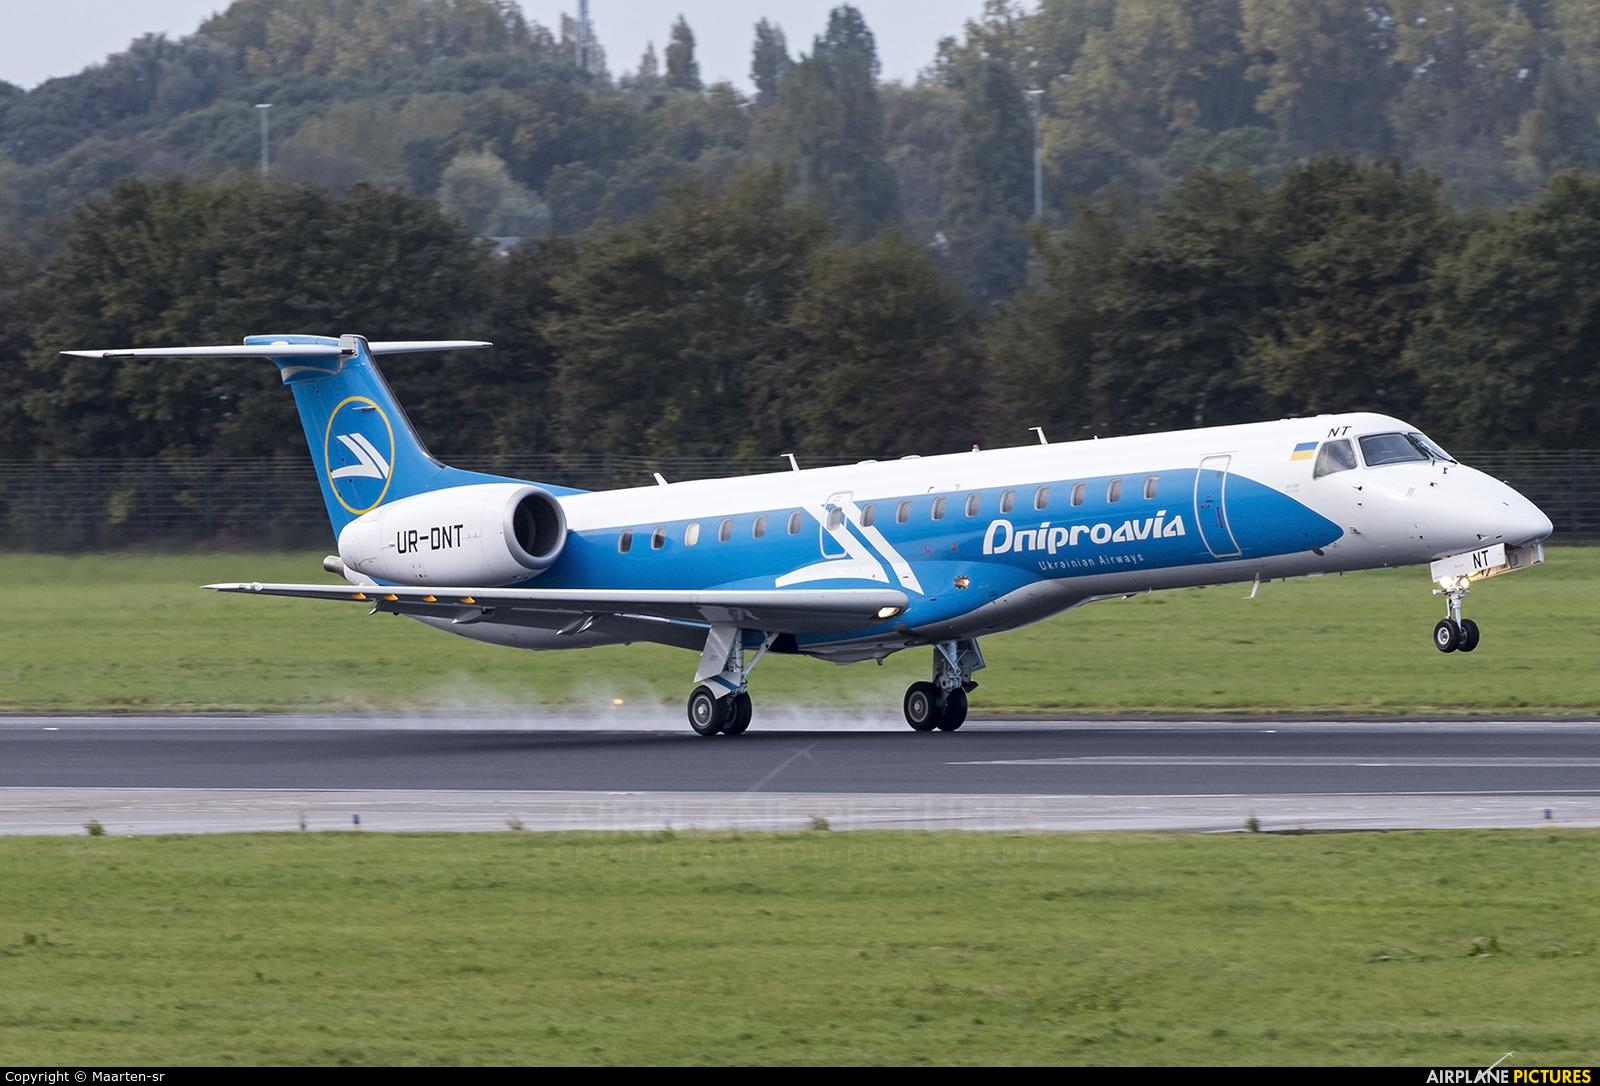 Dniproavia UR-DNT aircraft at Rotterdam